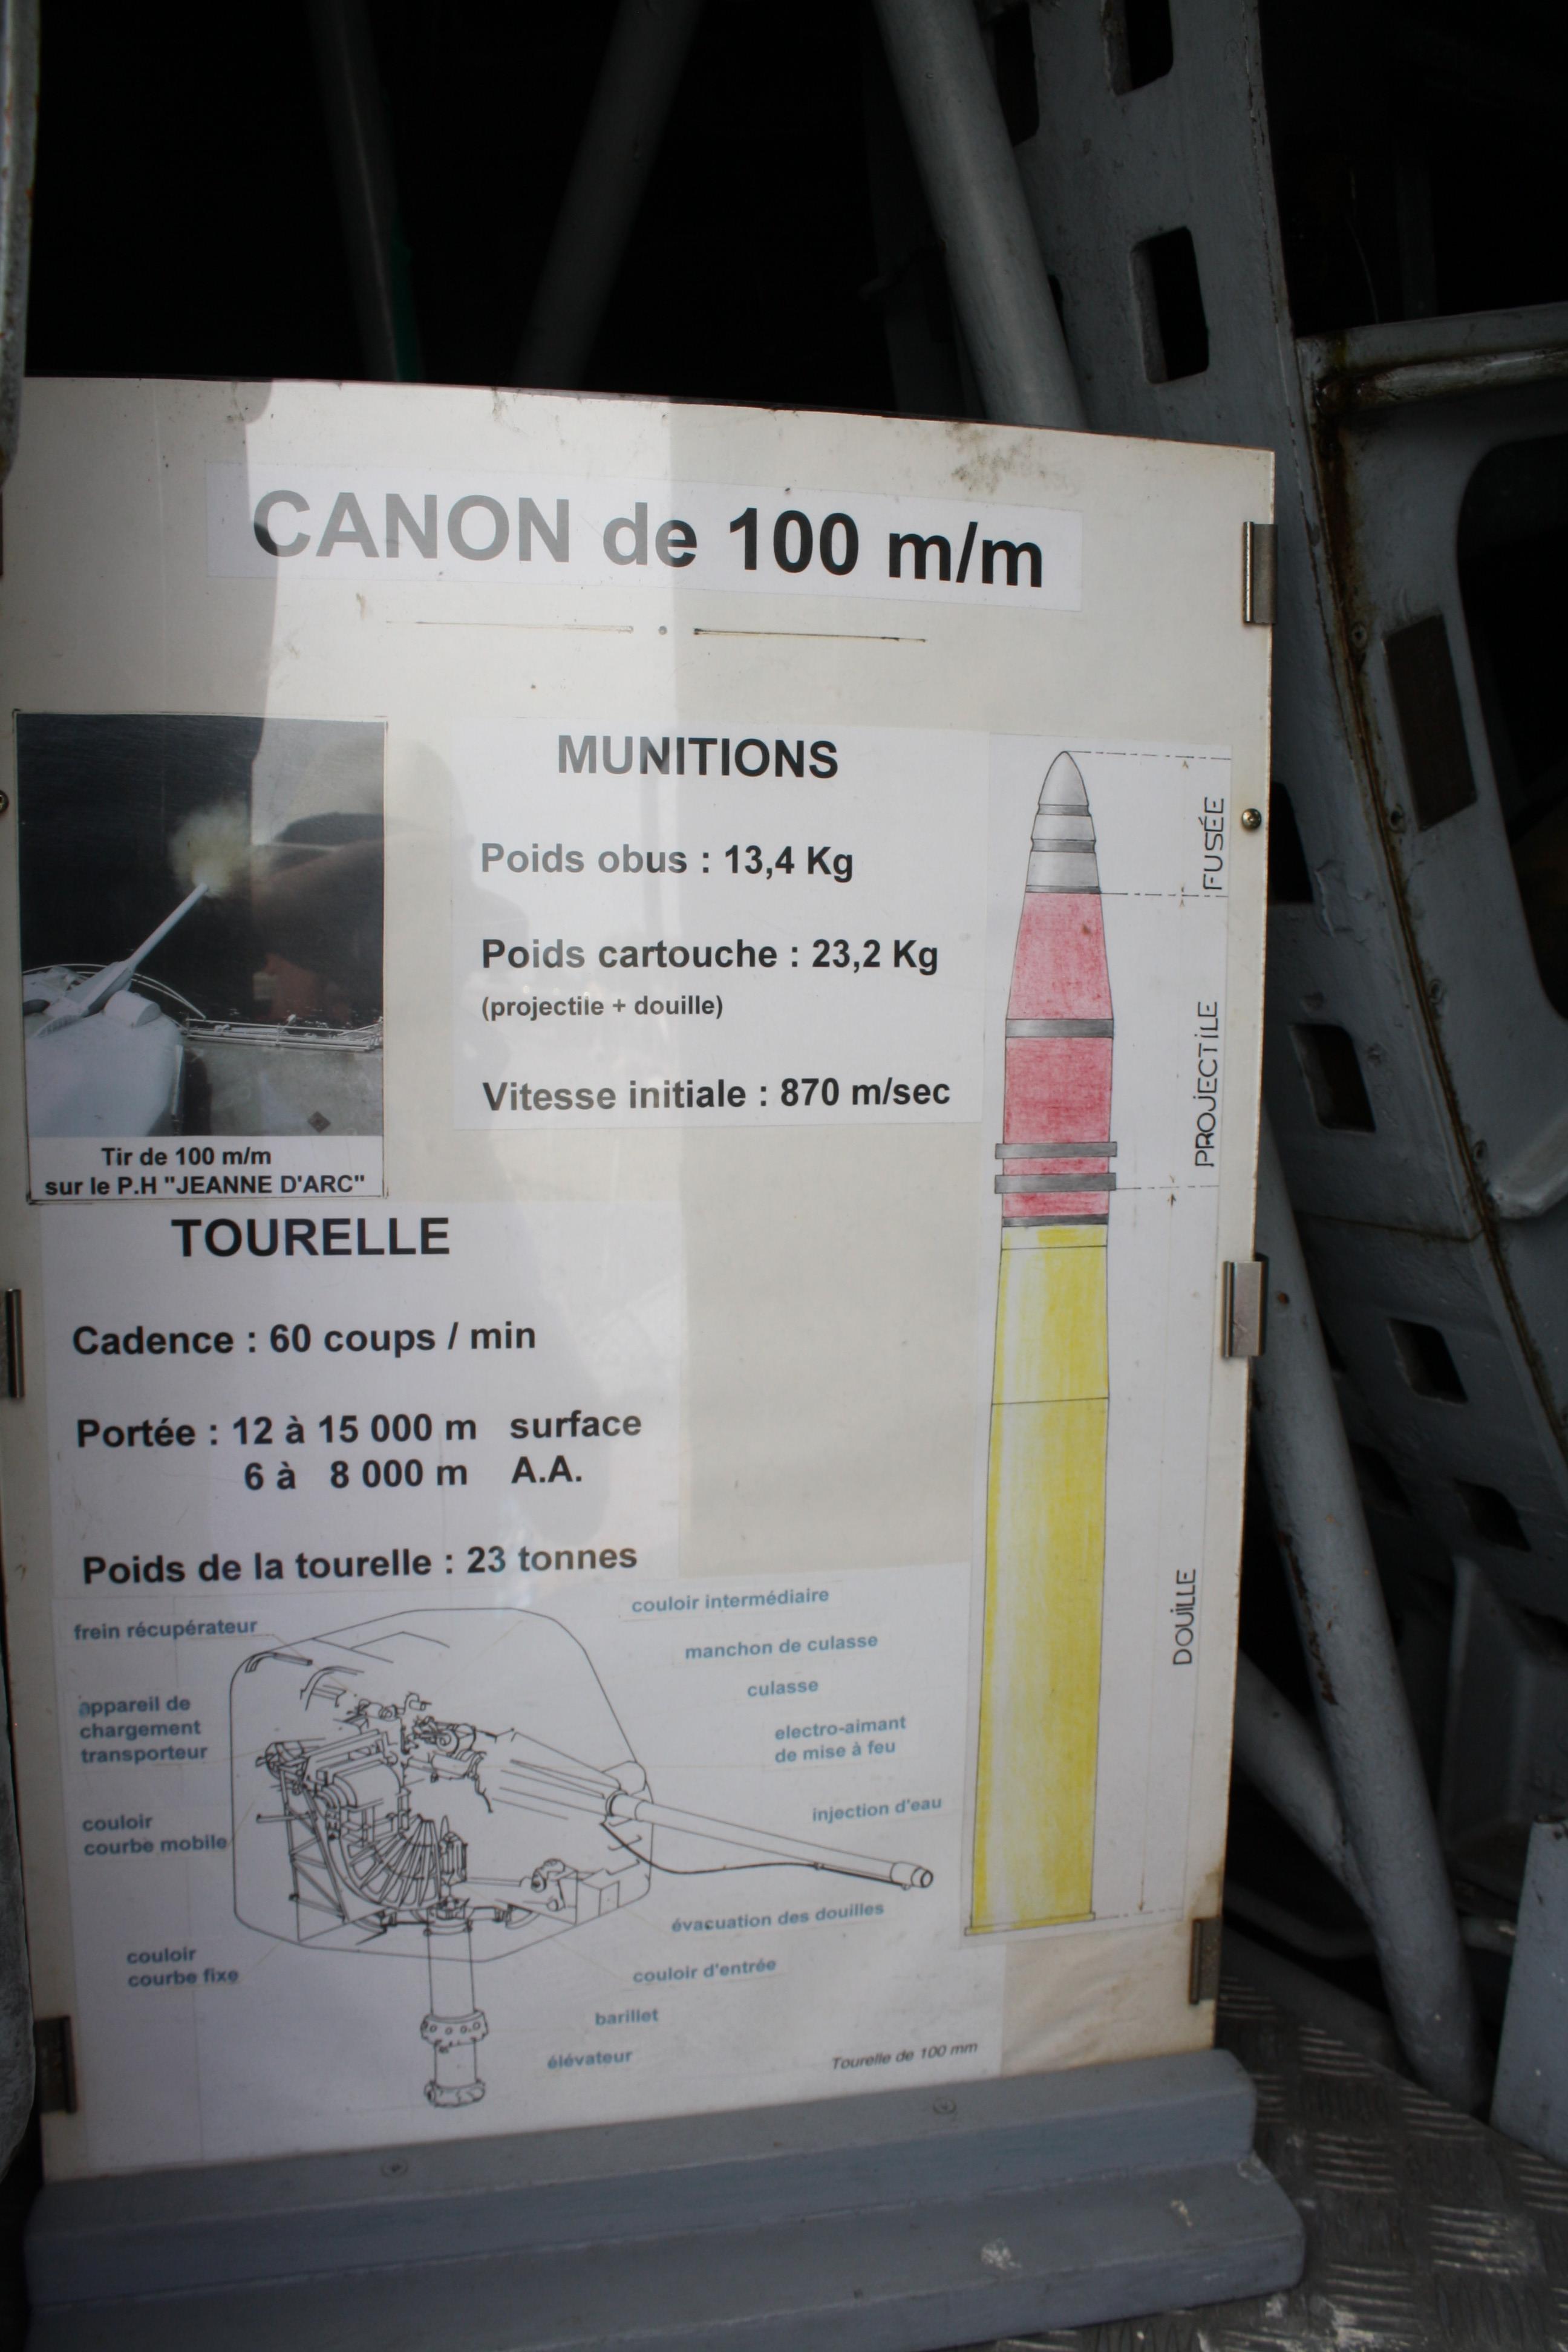 Le MAILLE-BREZE (ex escorteur d'escadre devenu Musée) - Page 3 17071310124648068